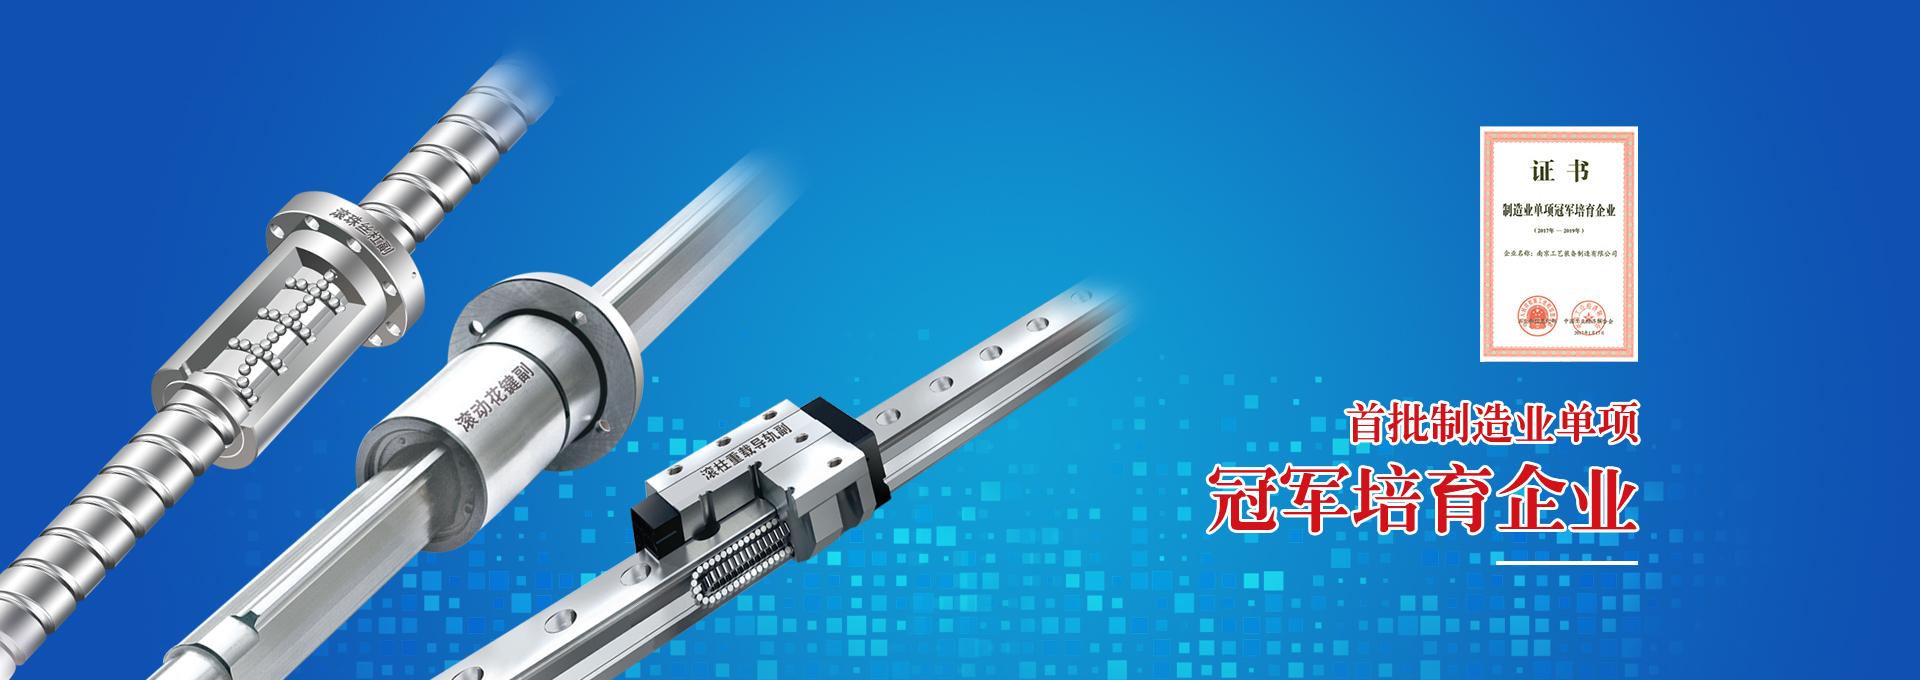 南京工藝裝備制造有限公司